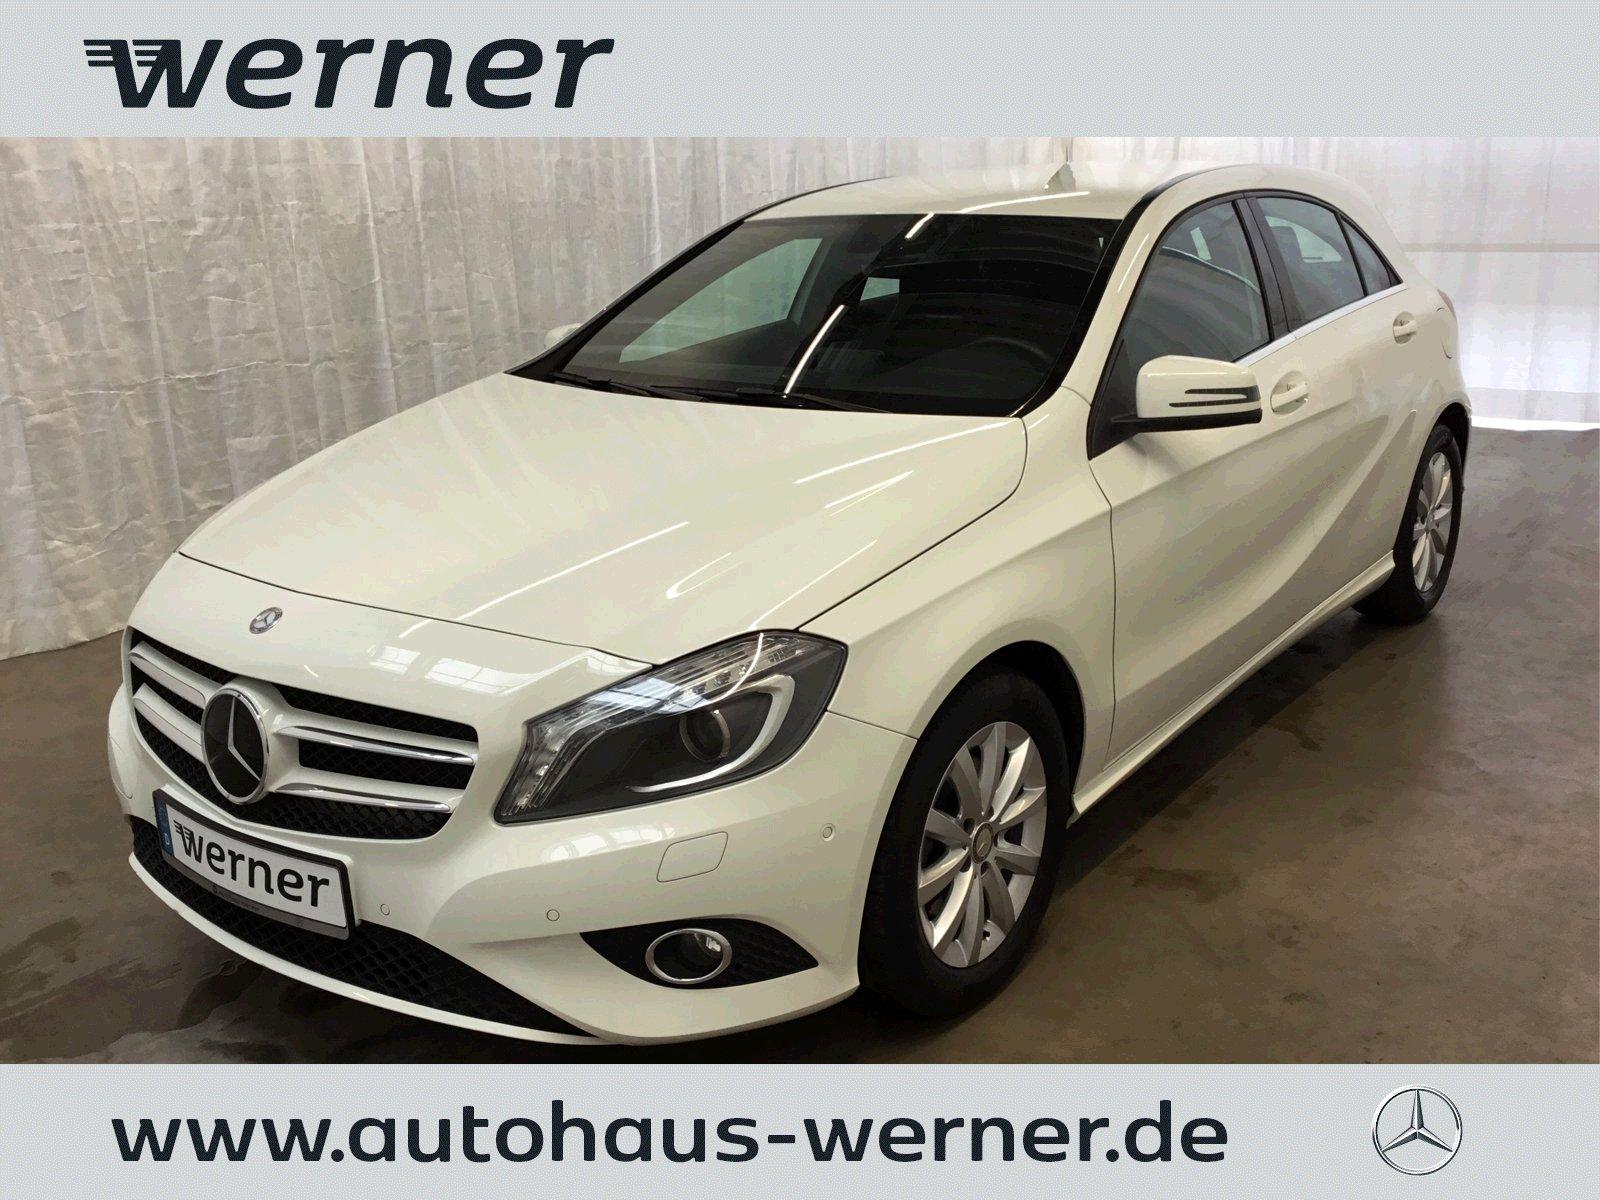 Mercedes-Benz A 180 Style+Bi-Xenon+Navi+Park+SHZ+Spiegelpaket+, Jahr 2014, Benzin